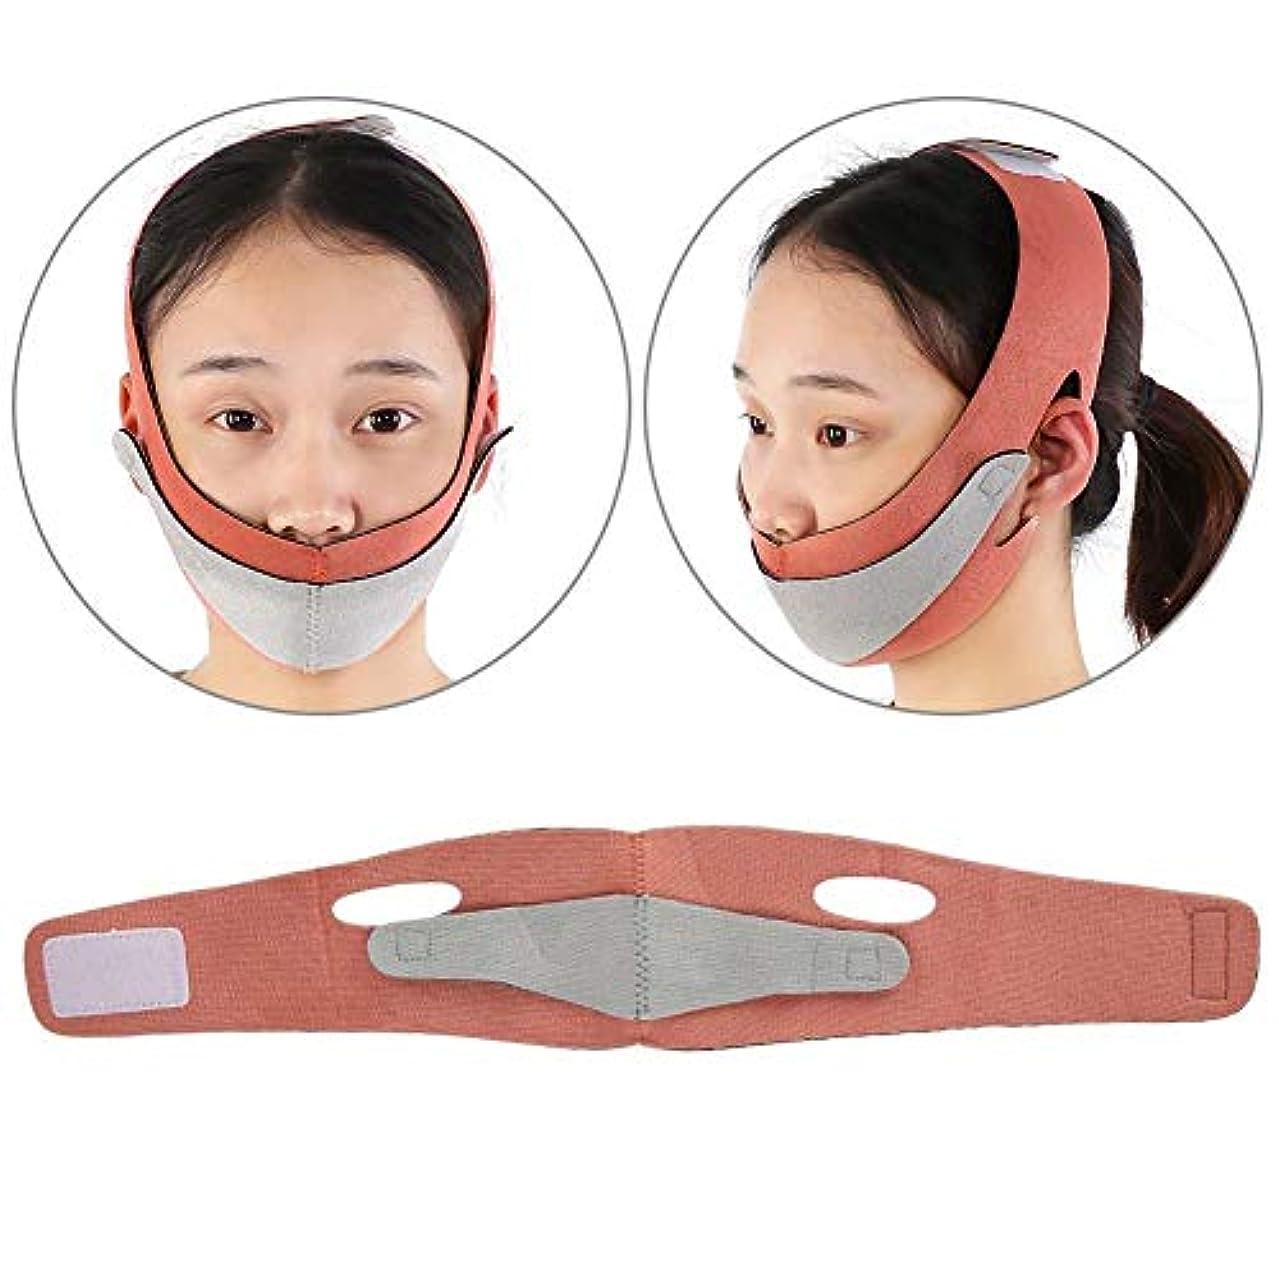 ファームミルク出くわす顔の輪郭を改善し、二重あご、脂肪蓄積、筋肉弛緩を効果的に改善するためのVフェイス美容包帯(02)